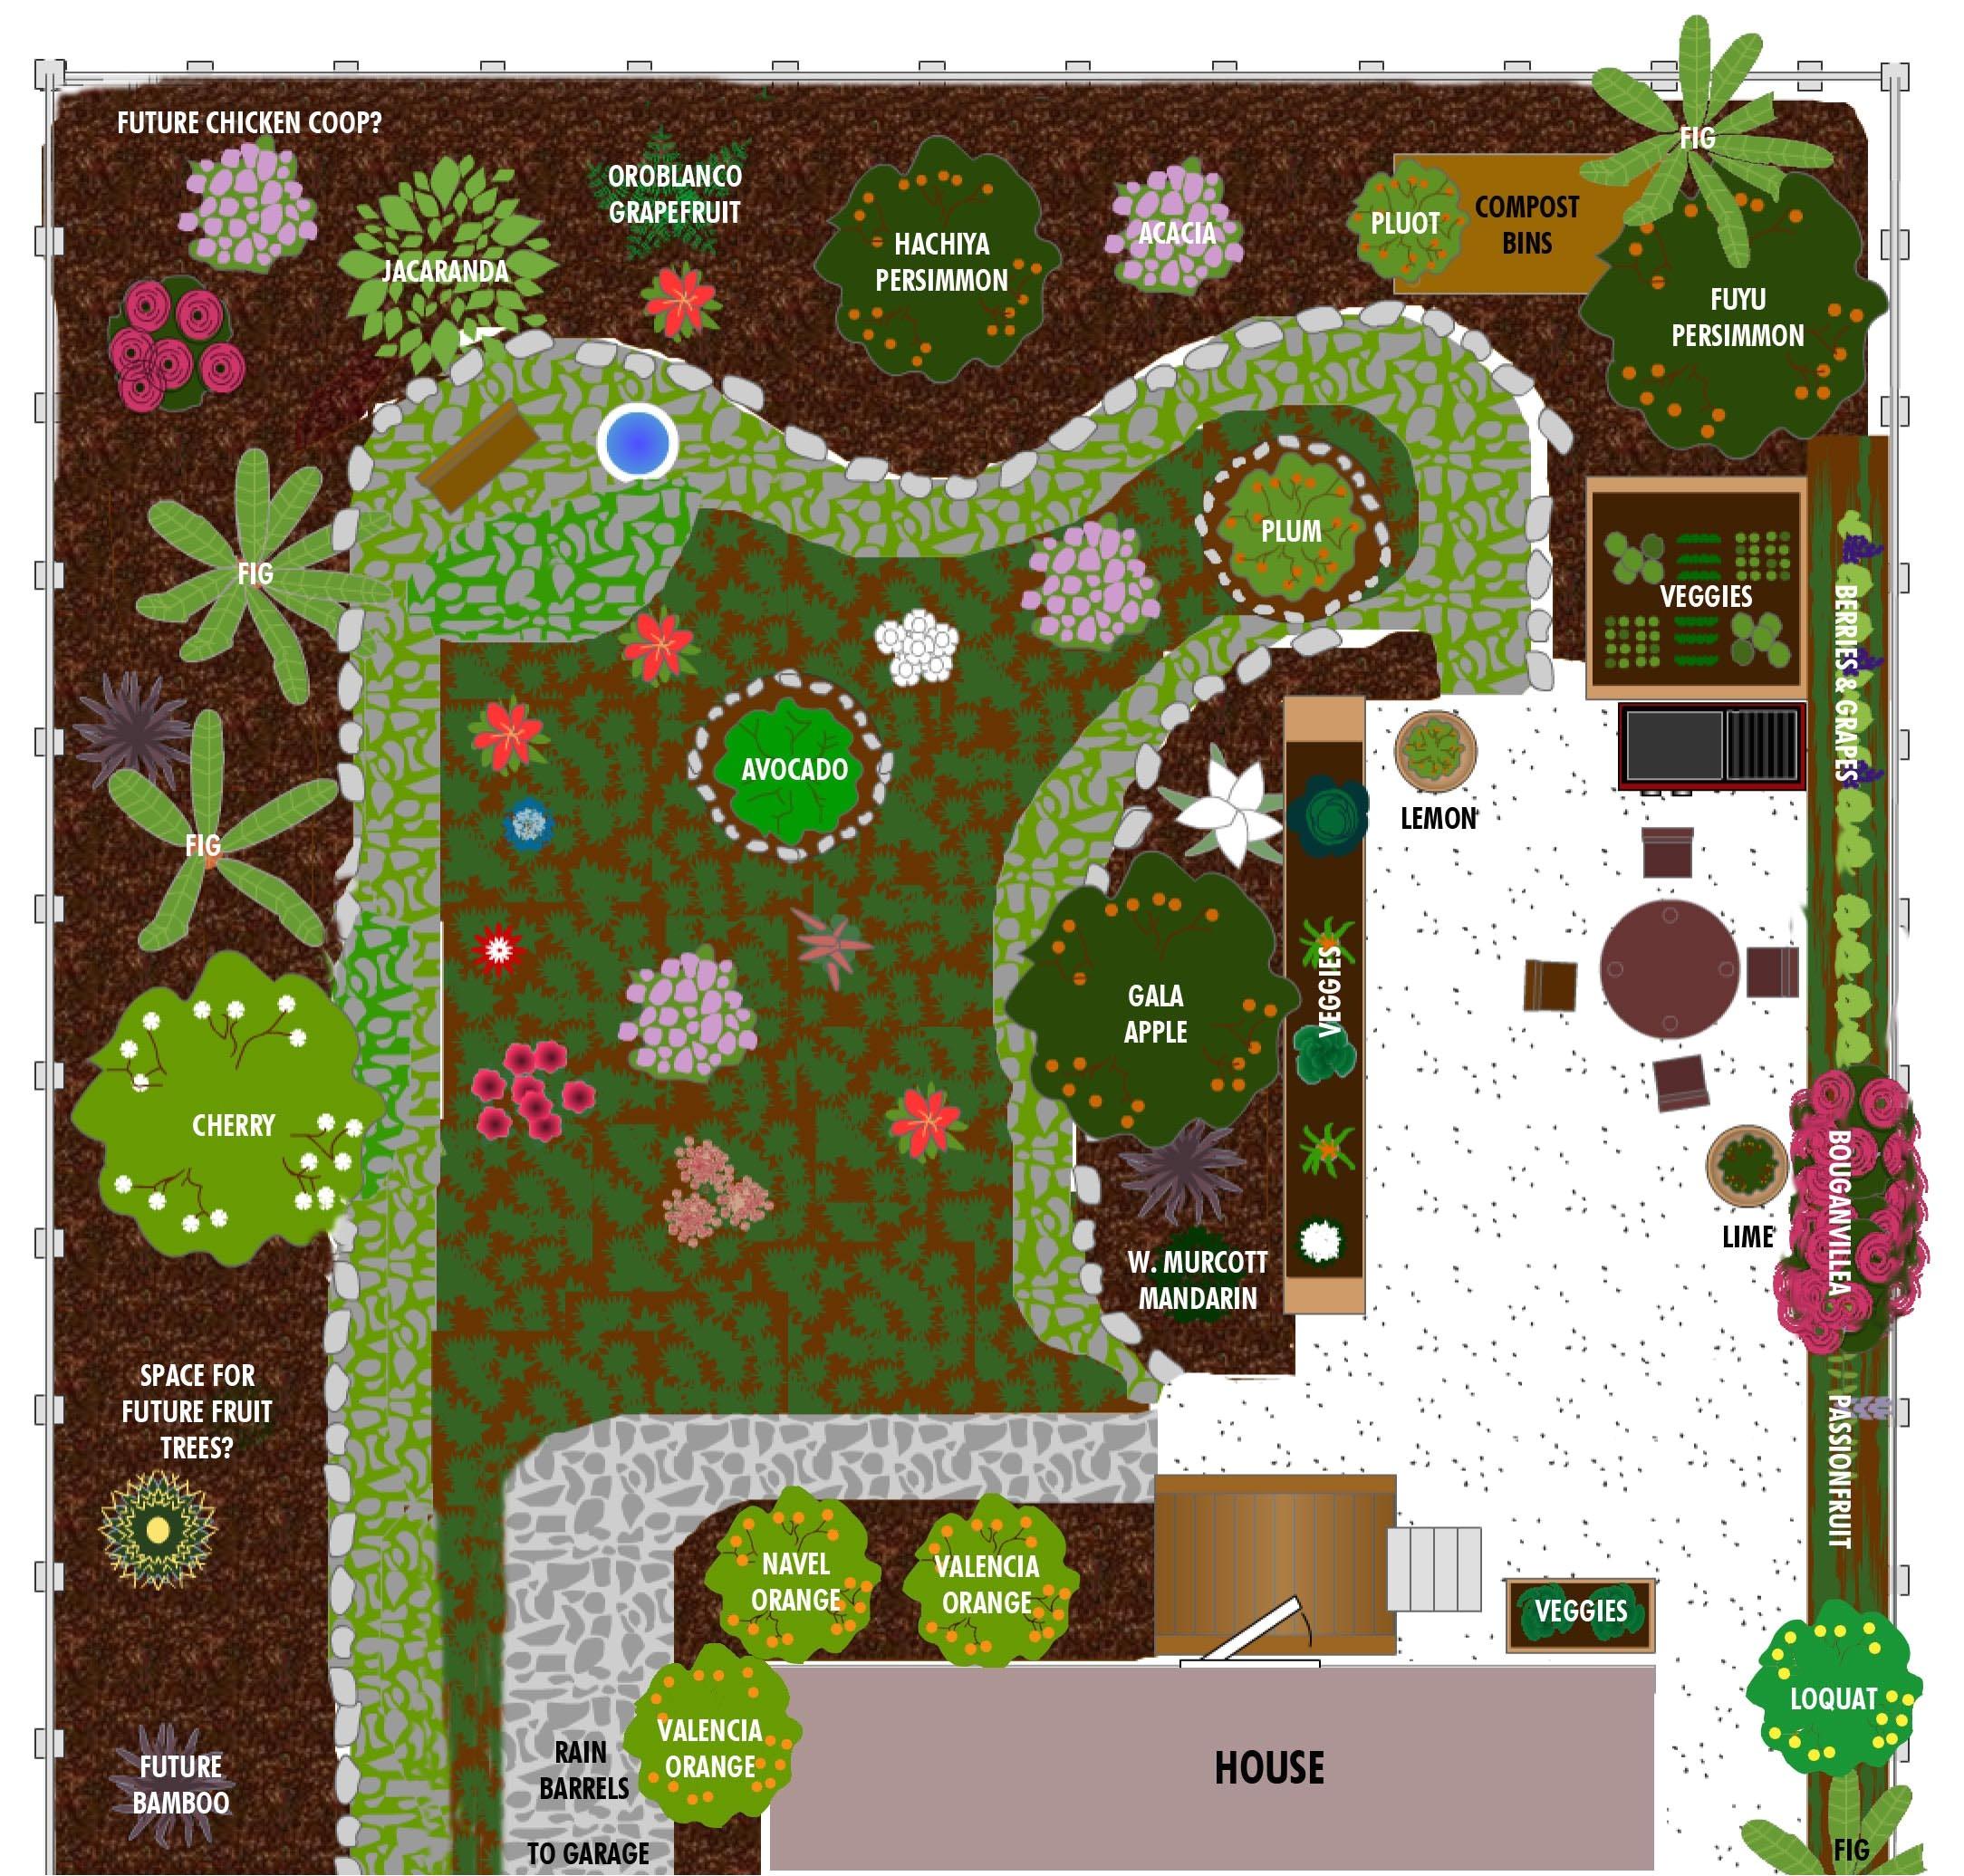 bhg better homes and gardens plan a garden landscape software